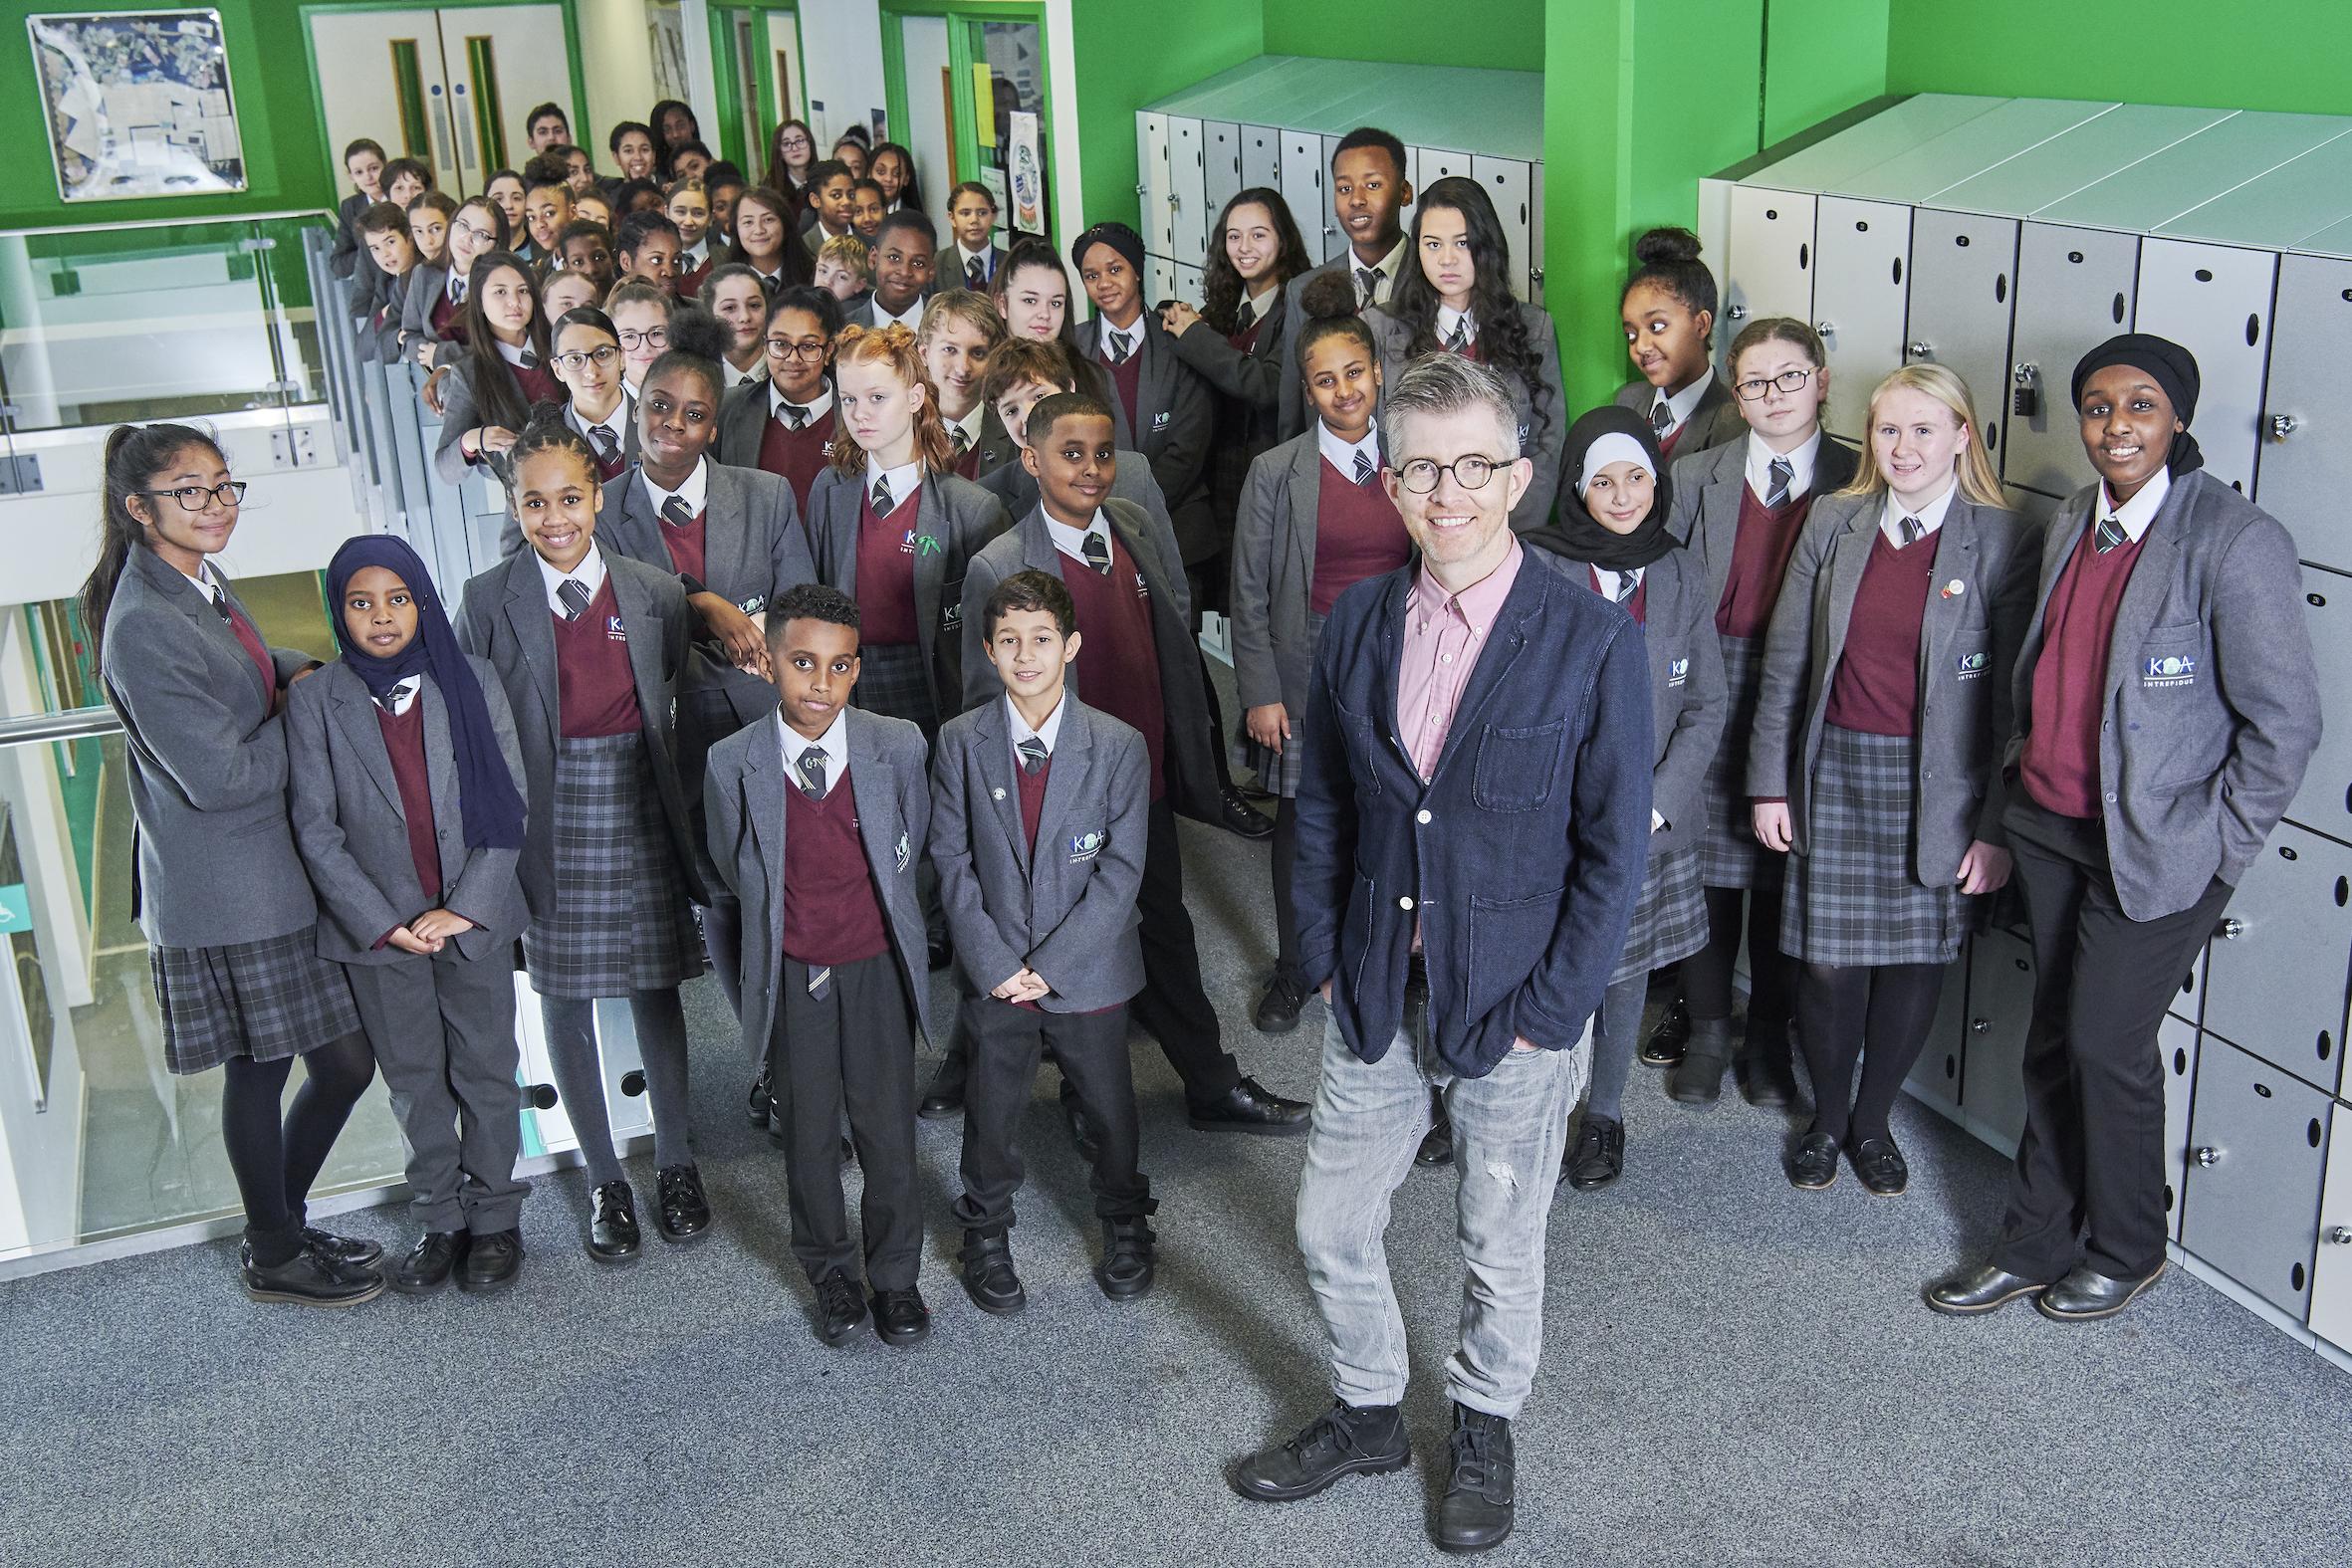 The Choir - Our School by the Tower - Twenty Twenty / BBC Two